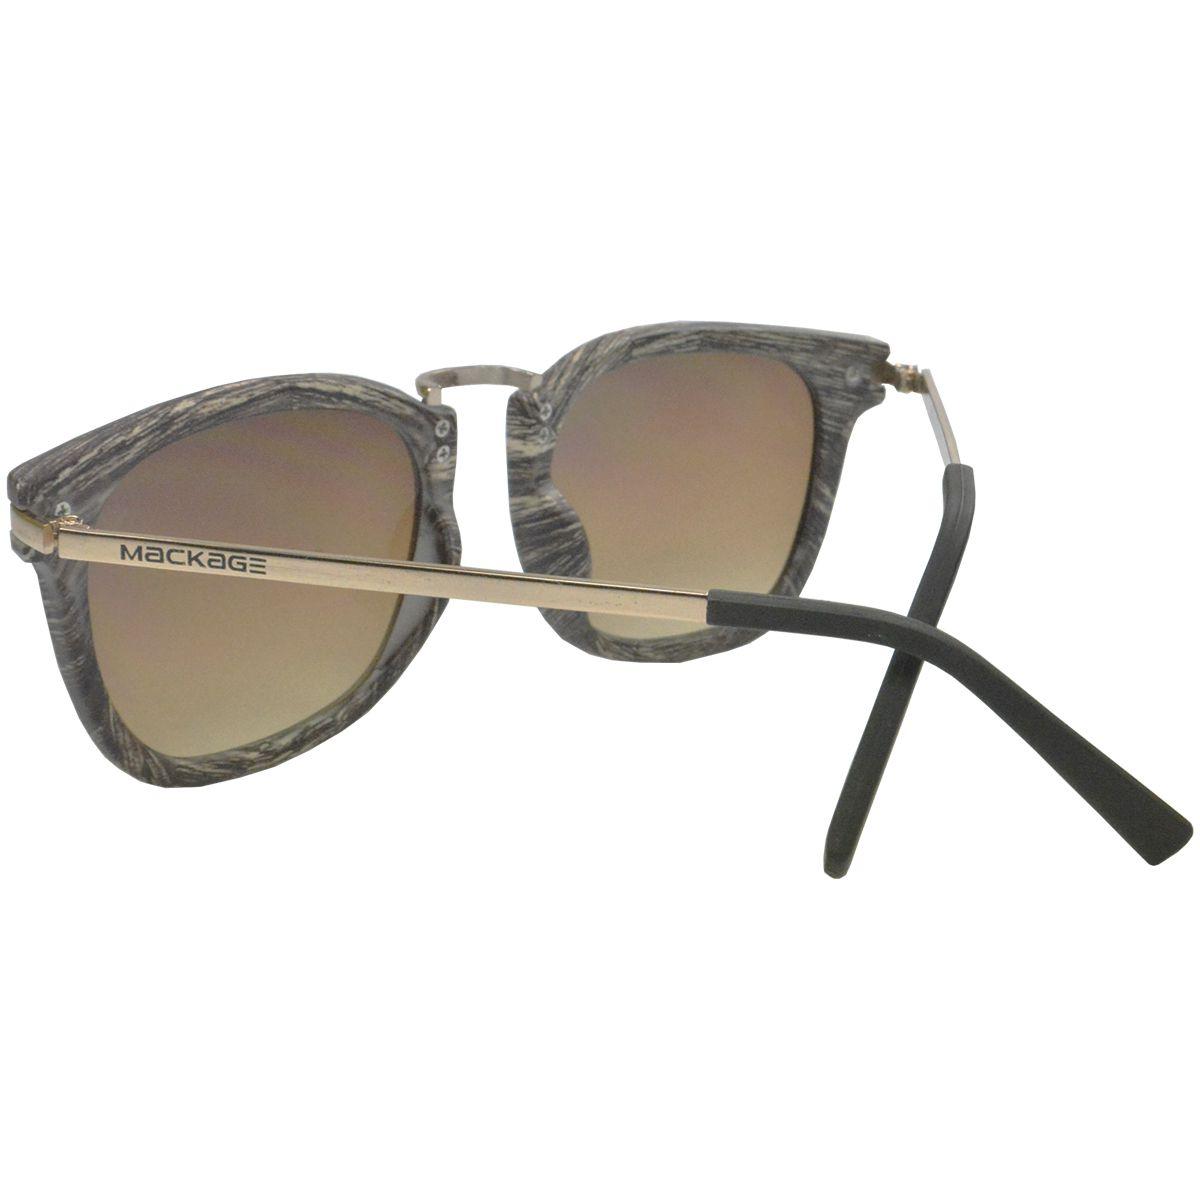 Óculos de Sol Mackage MK5024C5MD Marrom Pintado